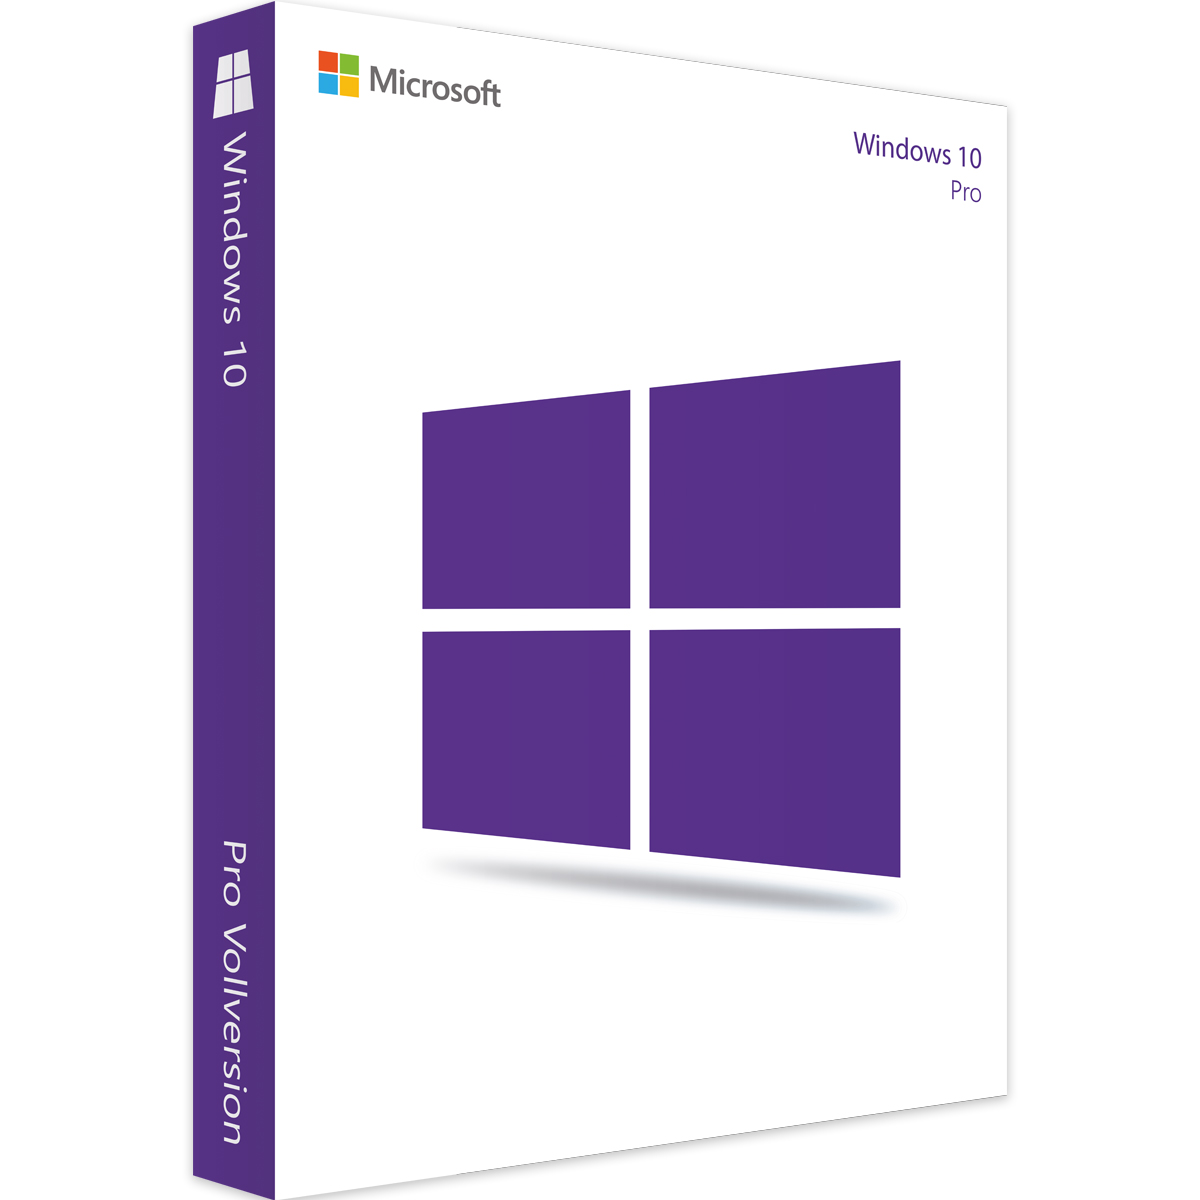 🦂 Licencia Windows 10 Professional TRANSFERIBLE 32/64 bits FPP - licencias-transferibles, licencias, asys-computadores-asyscom - Windows%2010%20Pro%20 %20Compra%20en%20Maitek%20sas%20tu%20distribuidor%20proveedor%20y%20mayorista%20de%20tecnolog%C3%ADa%20en%20Colombia%20al%20mejor%20precio%20del%20mercado